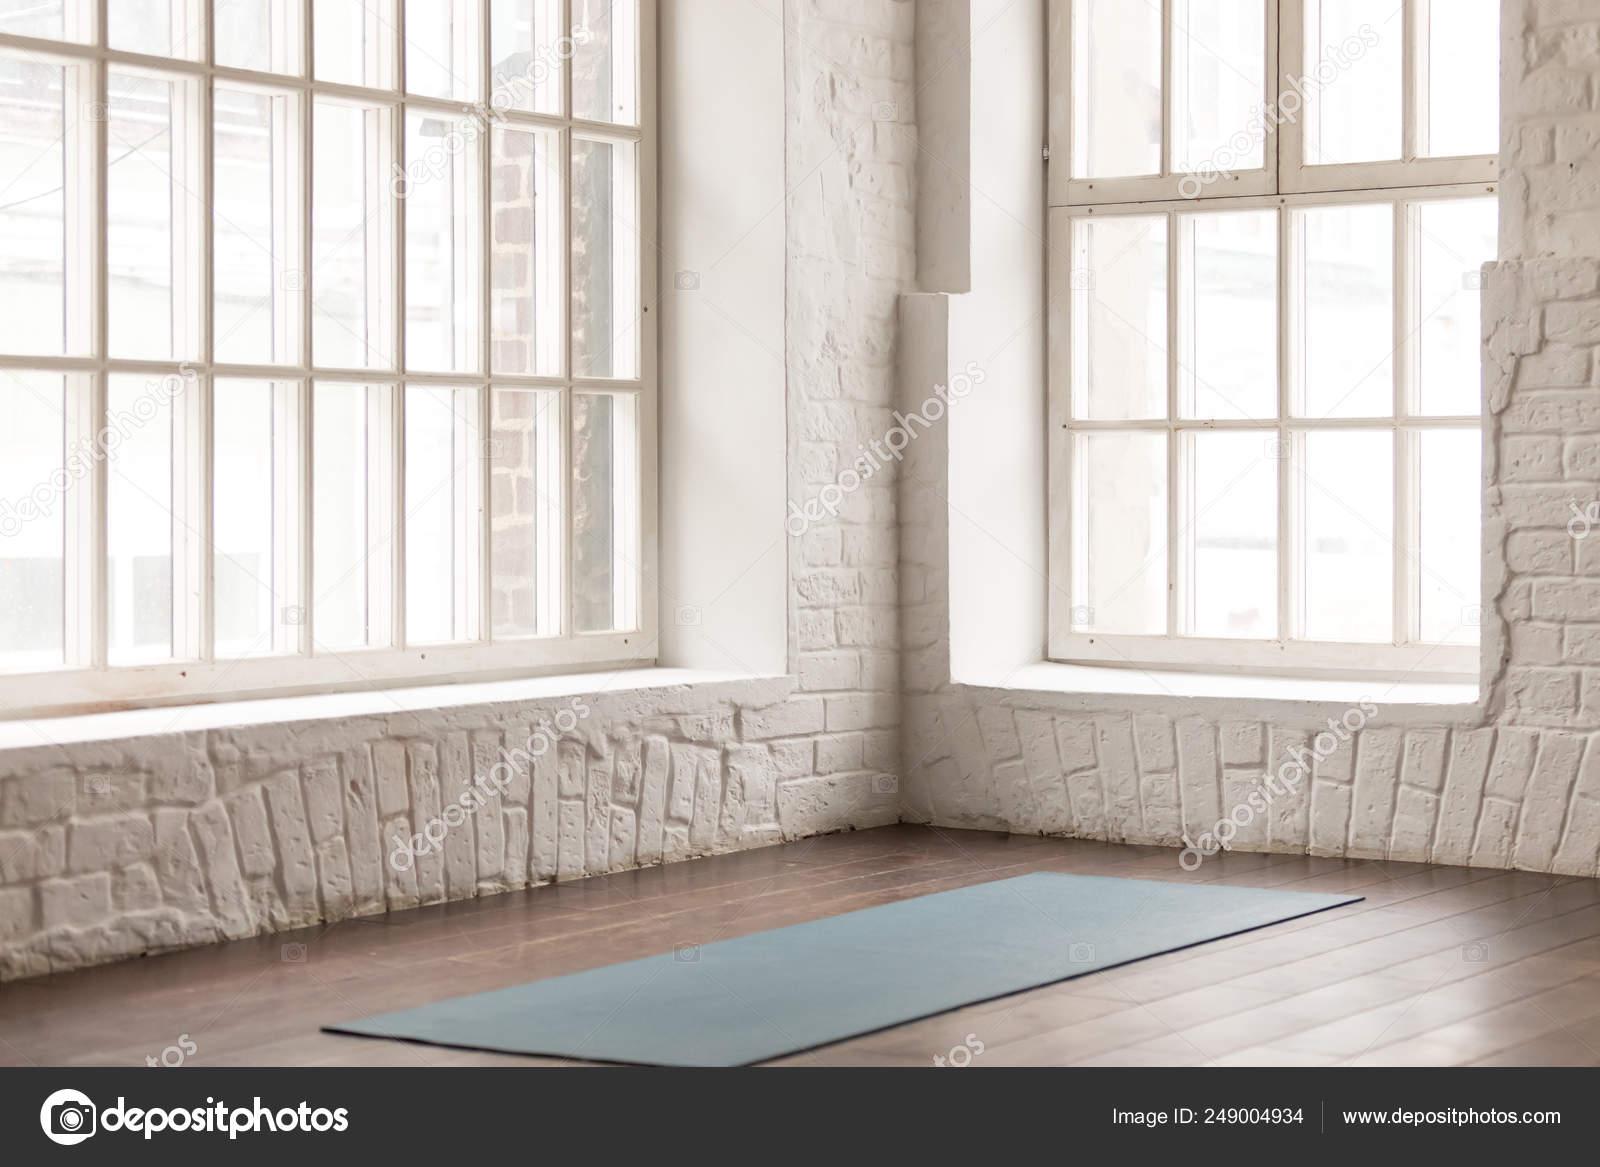 Yoga Mat On Wooden Floor In Empty Room In Yoga Studio Stock Photo C Fizkes 249004934